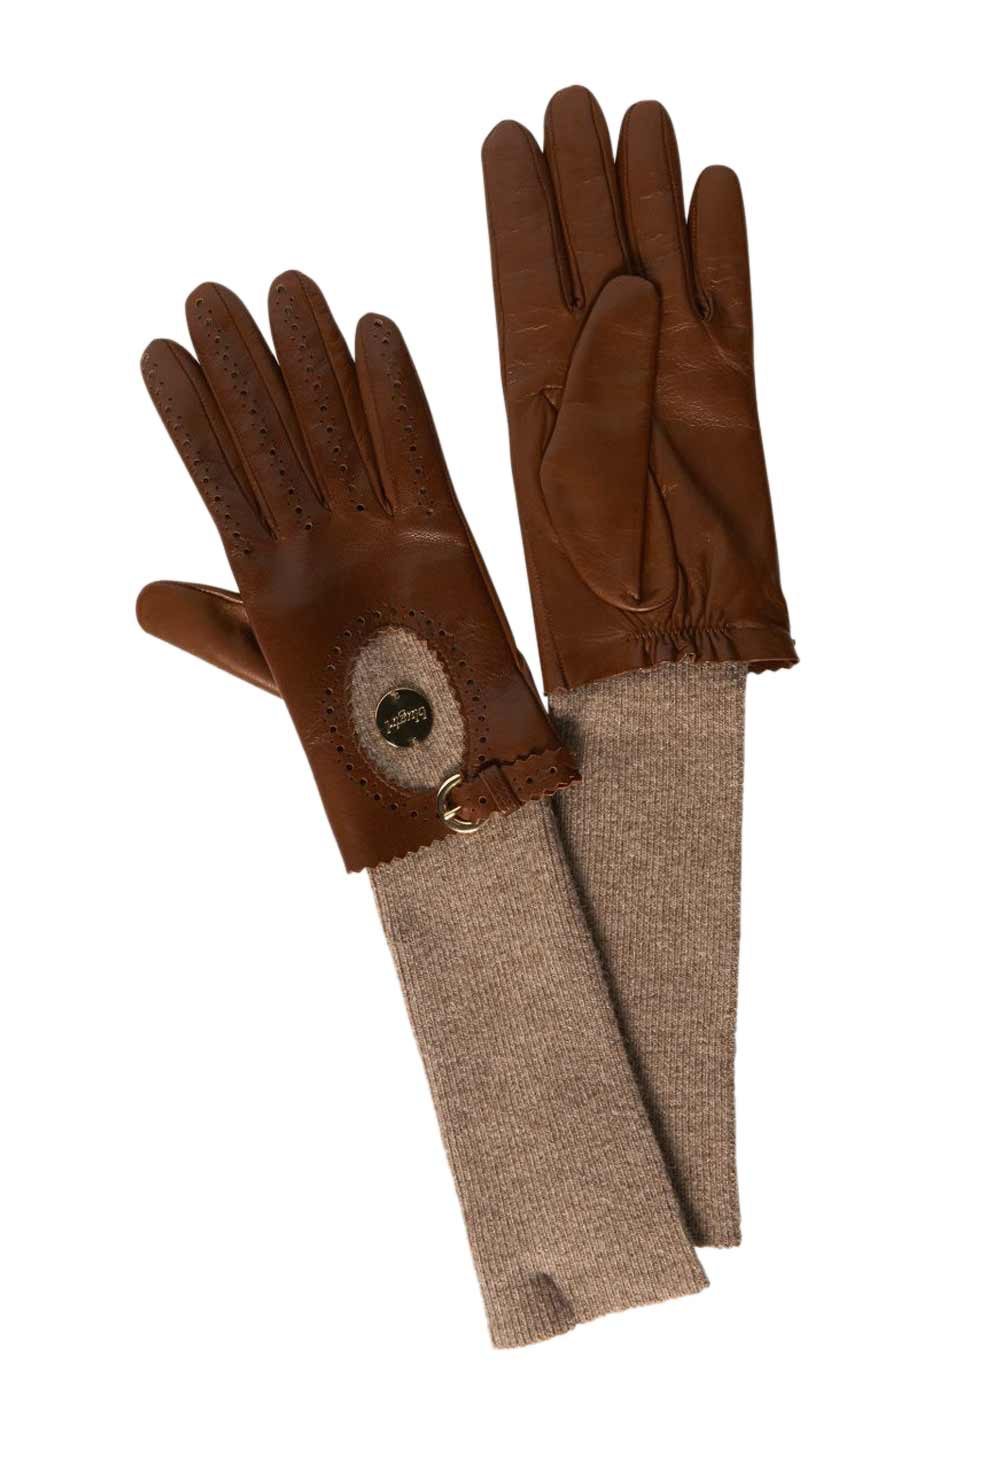 Skladem Kožené značkové dámské rukavice Blugirl (vel.M skladem) 0379e3f3d7